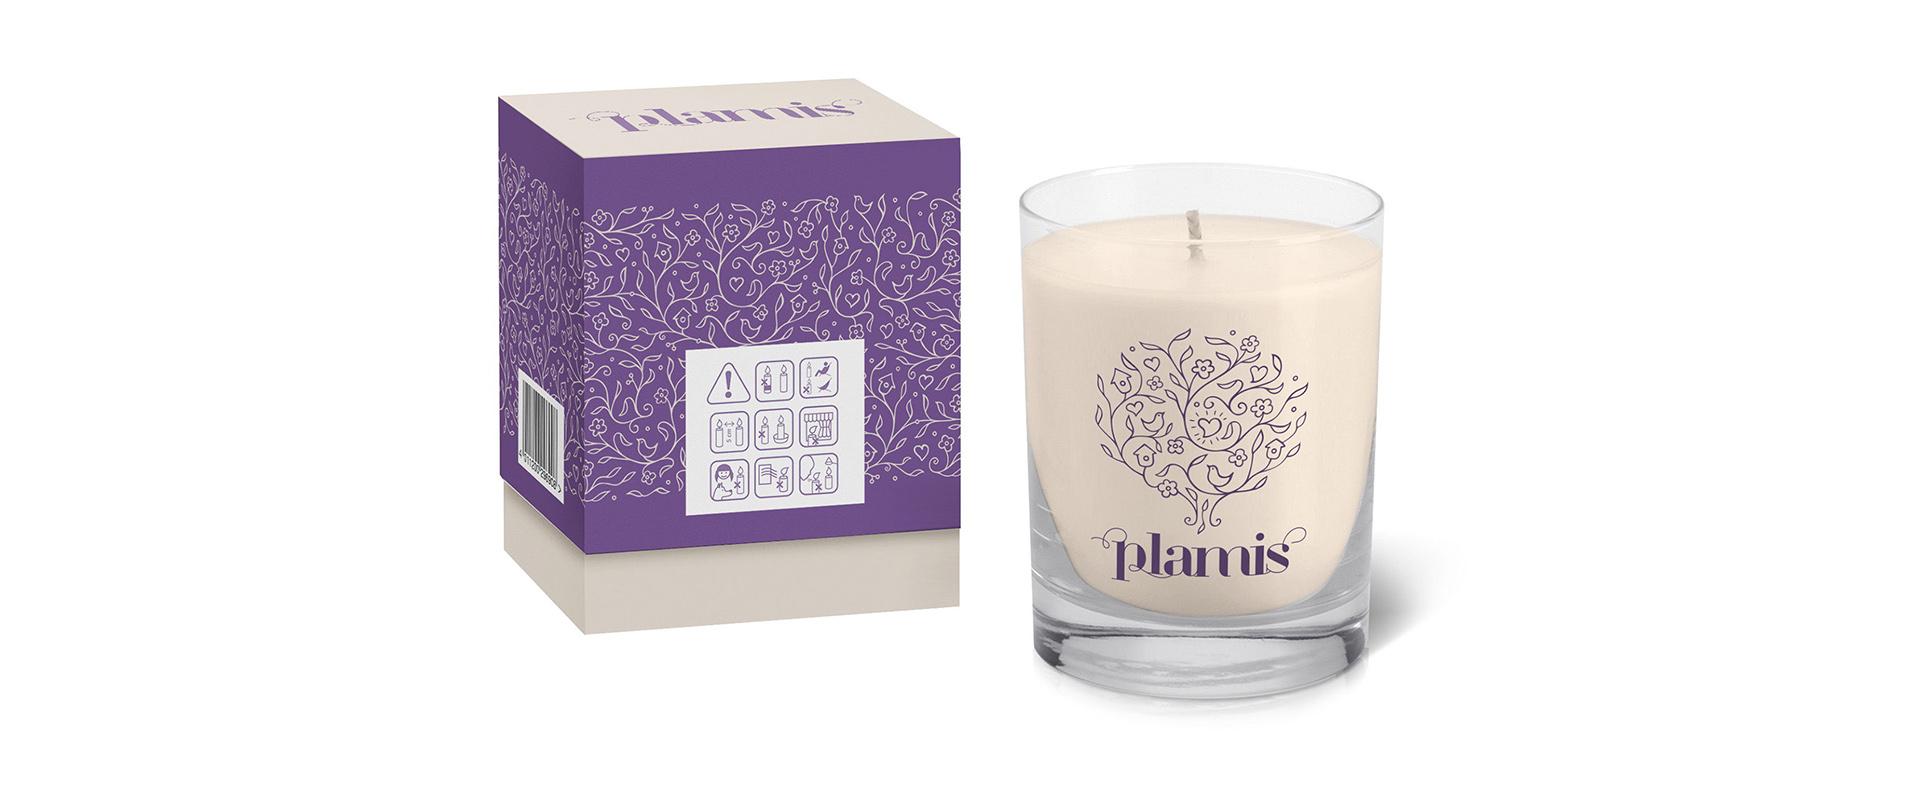 Дизайн упаковки для свечей, Candle packaging design